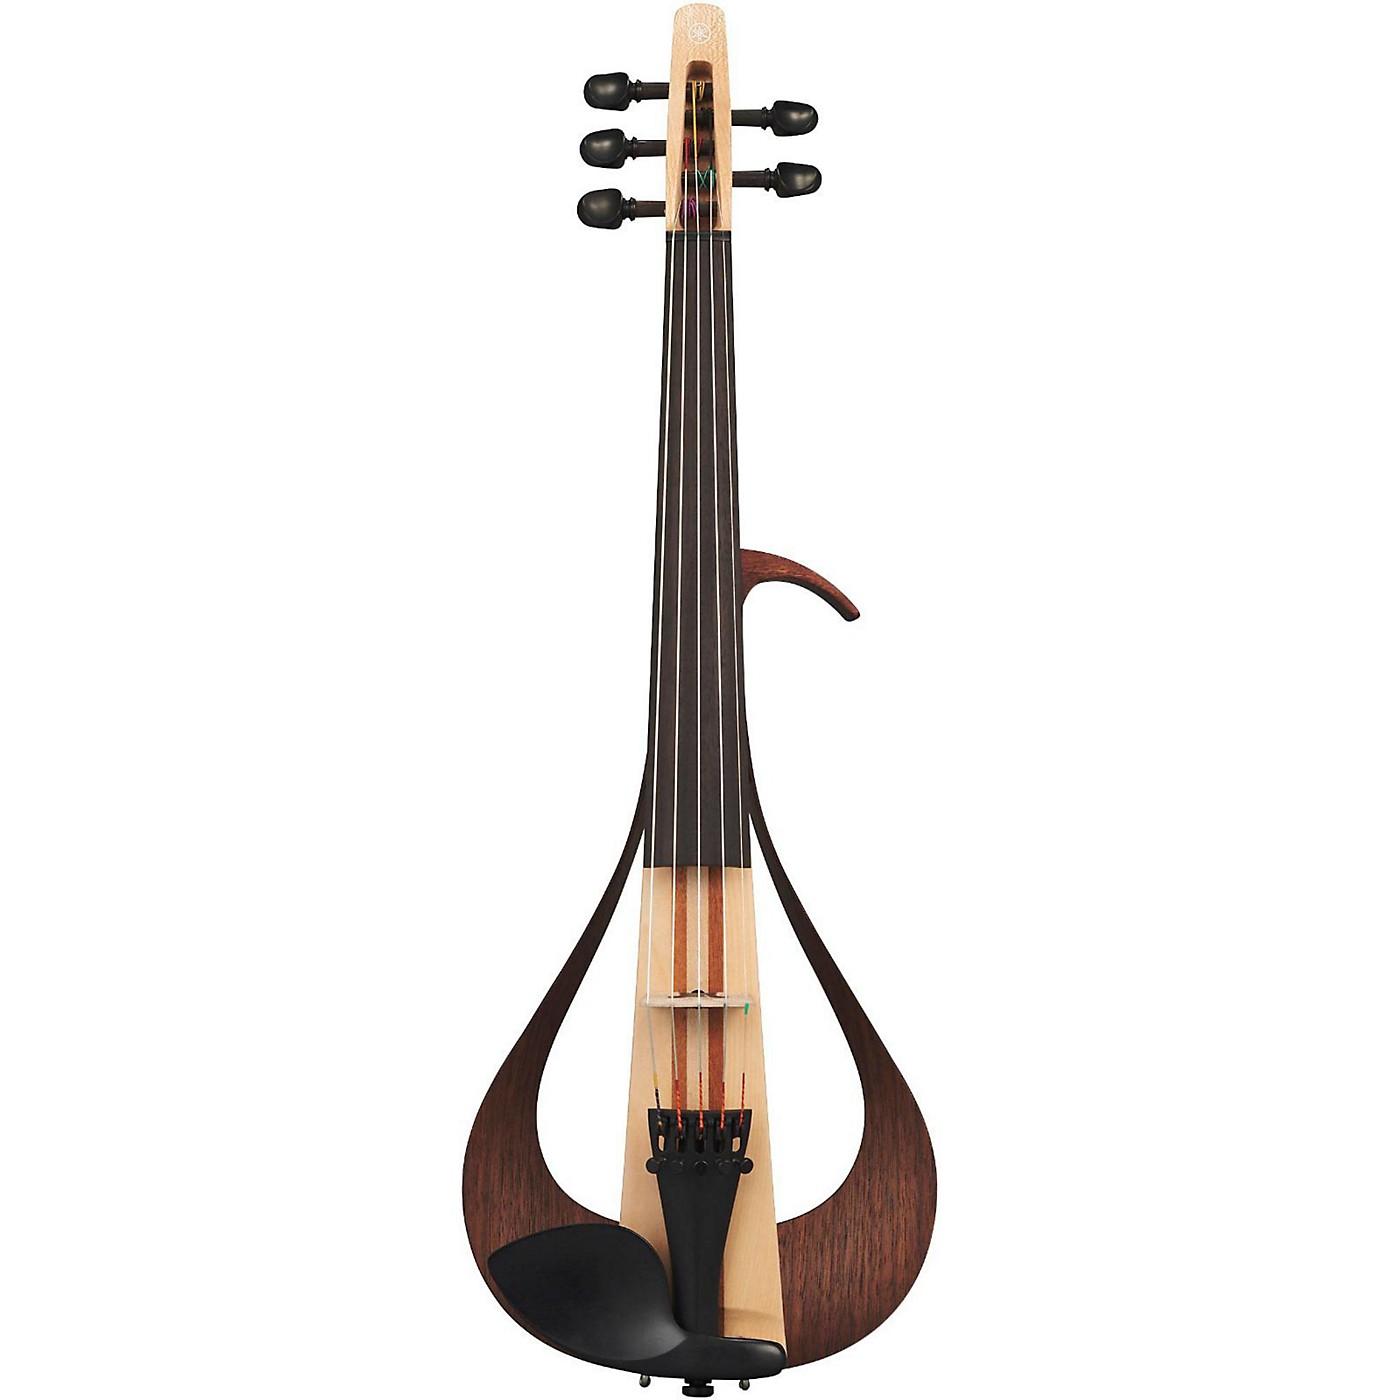 Yamaha YEV105 Series Electric Violin in Natural Finish thumbnail